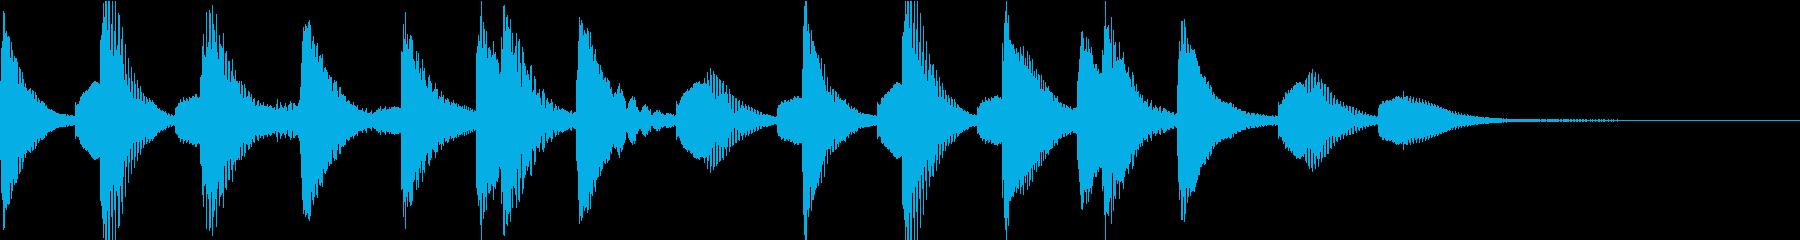 ほのぼの明るいマリンバのジングルの再生済みの波形